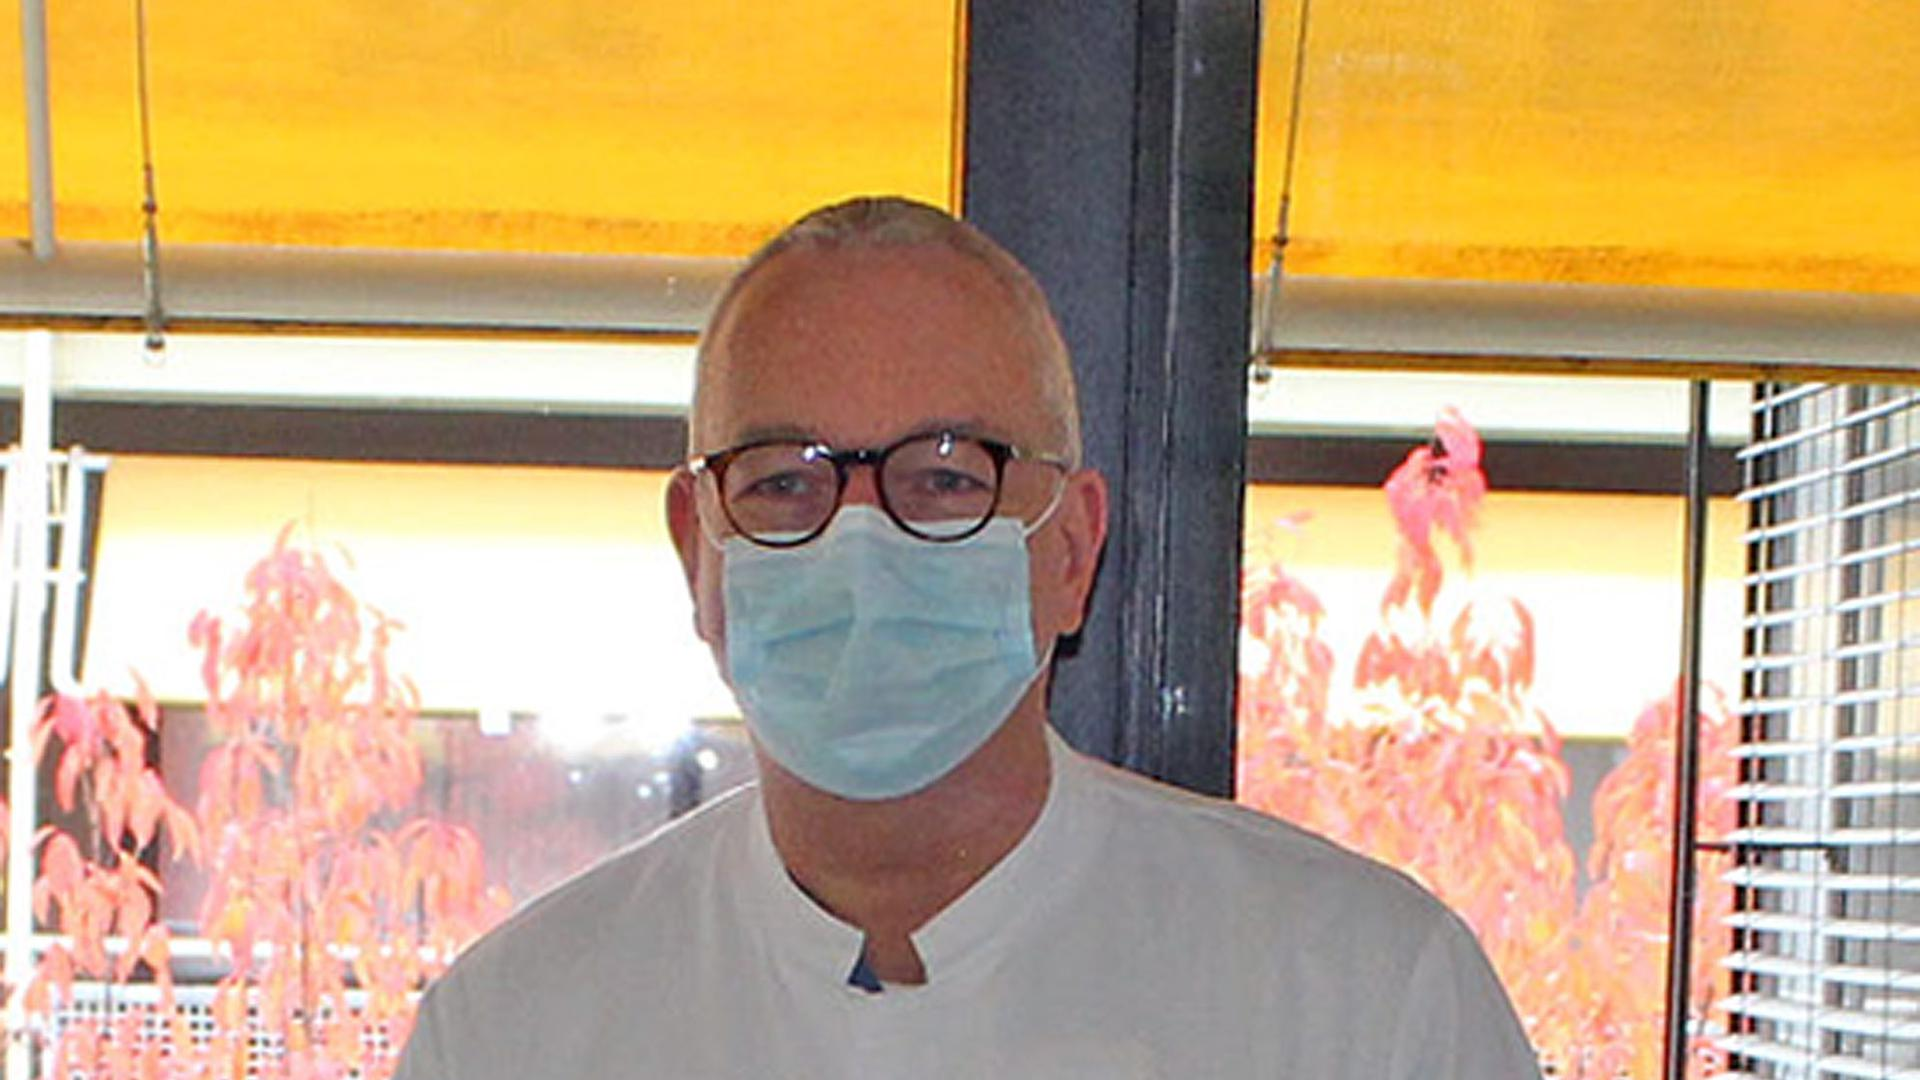 Trügerische Ruhe: Intensivmediziner Thomas Iber, medizinischer Geschäftsführer des KMB, mahnt trotz sinkender Inzidenzen zu Vorsicht und Wachsamkeit sowie zur Einhaltung der AHA-Regeln.